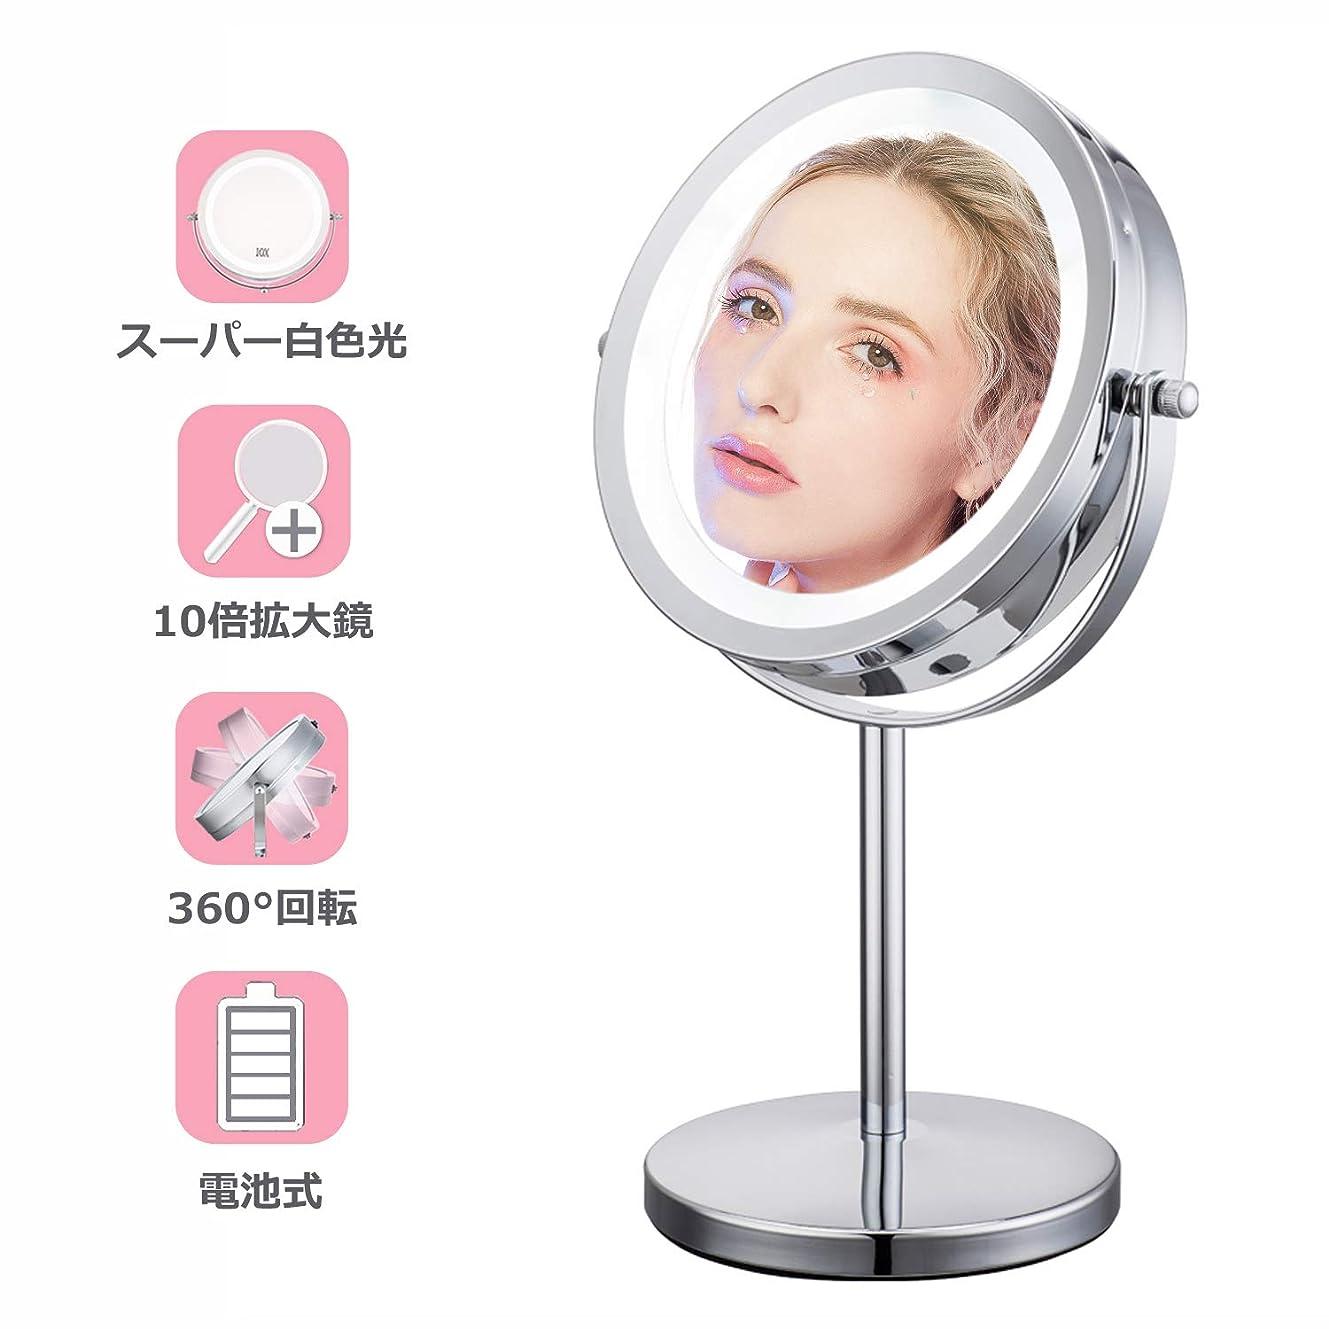 ポンドミュウミュウトリッキー10倍拡大鏡 LEDライト付き 真実の両面鏡 360度回転 卓上鏡 スタンドミラー メイク 化粧道具 【Jeking】